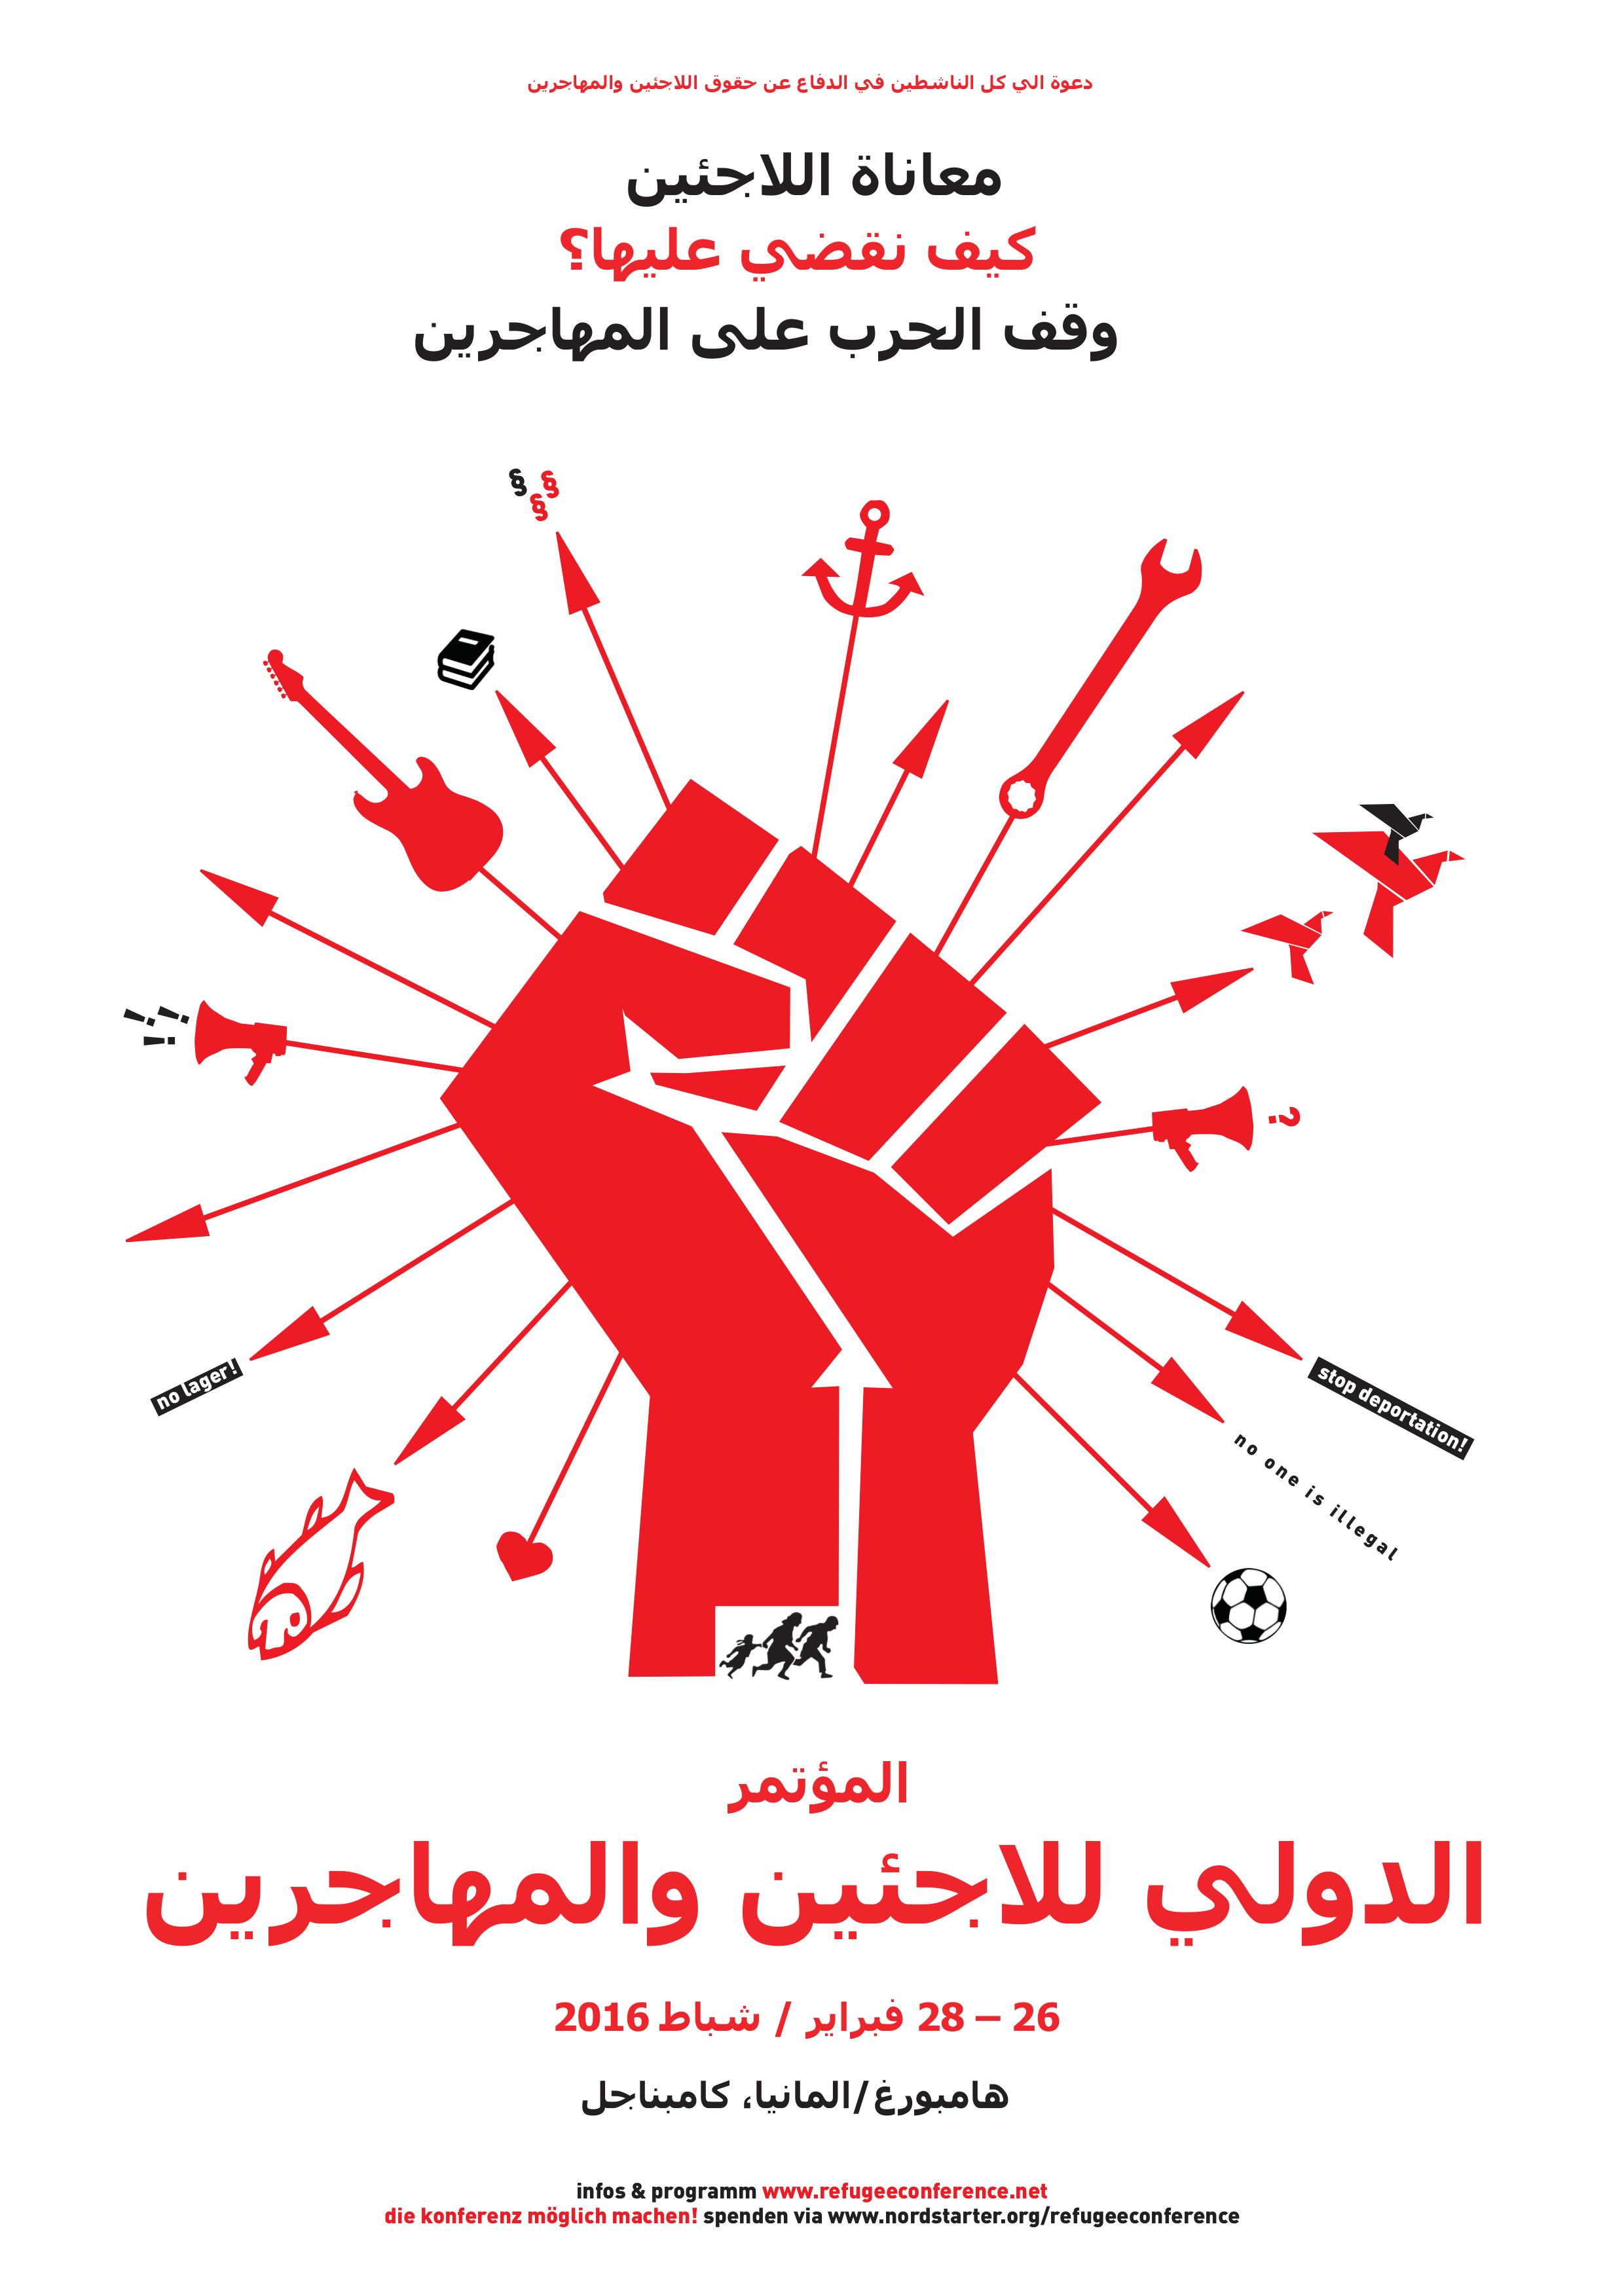 refcon_arab_